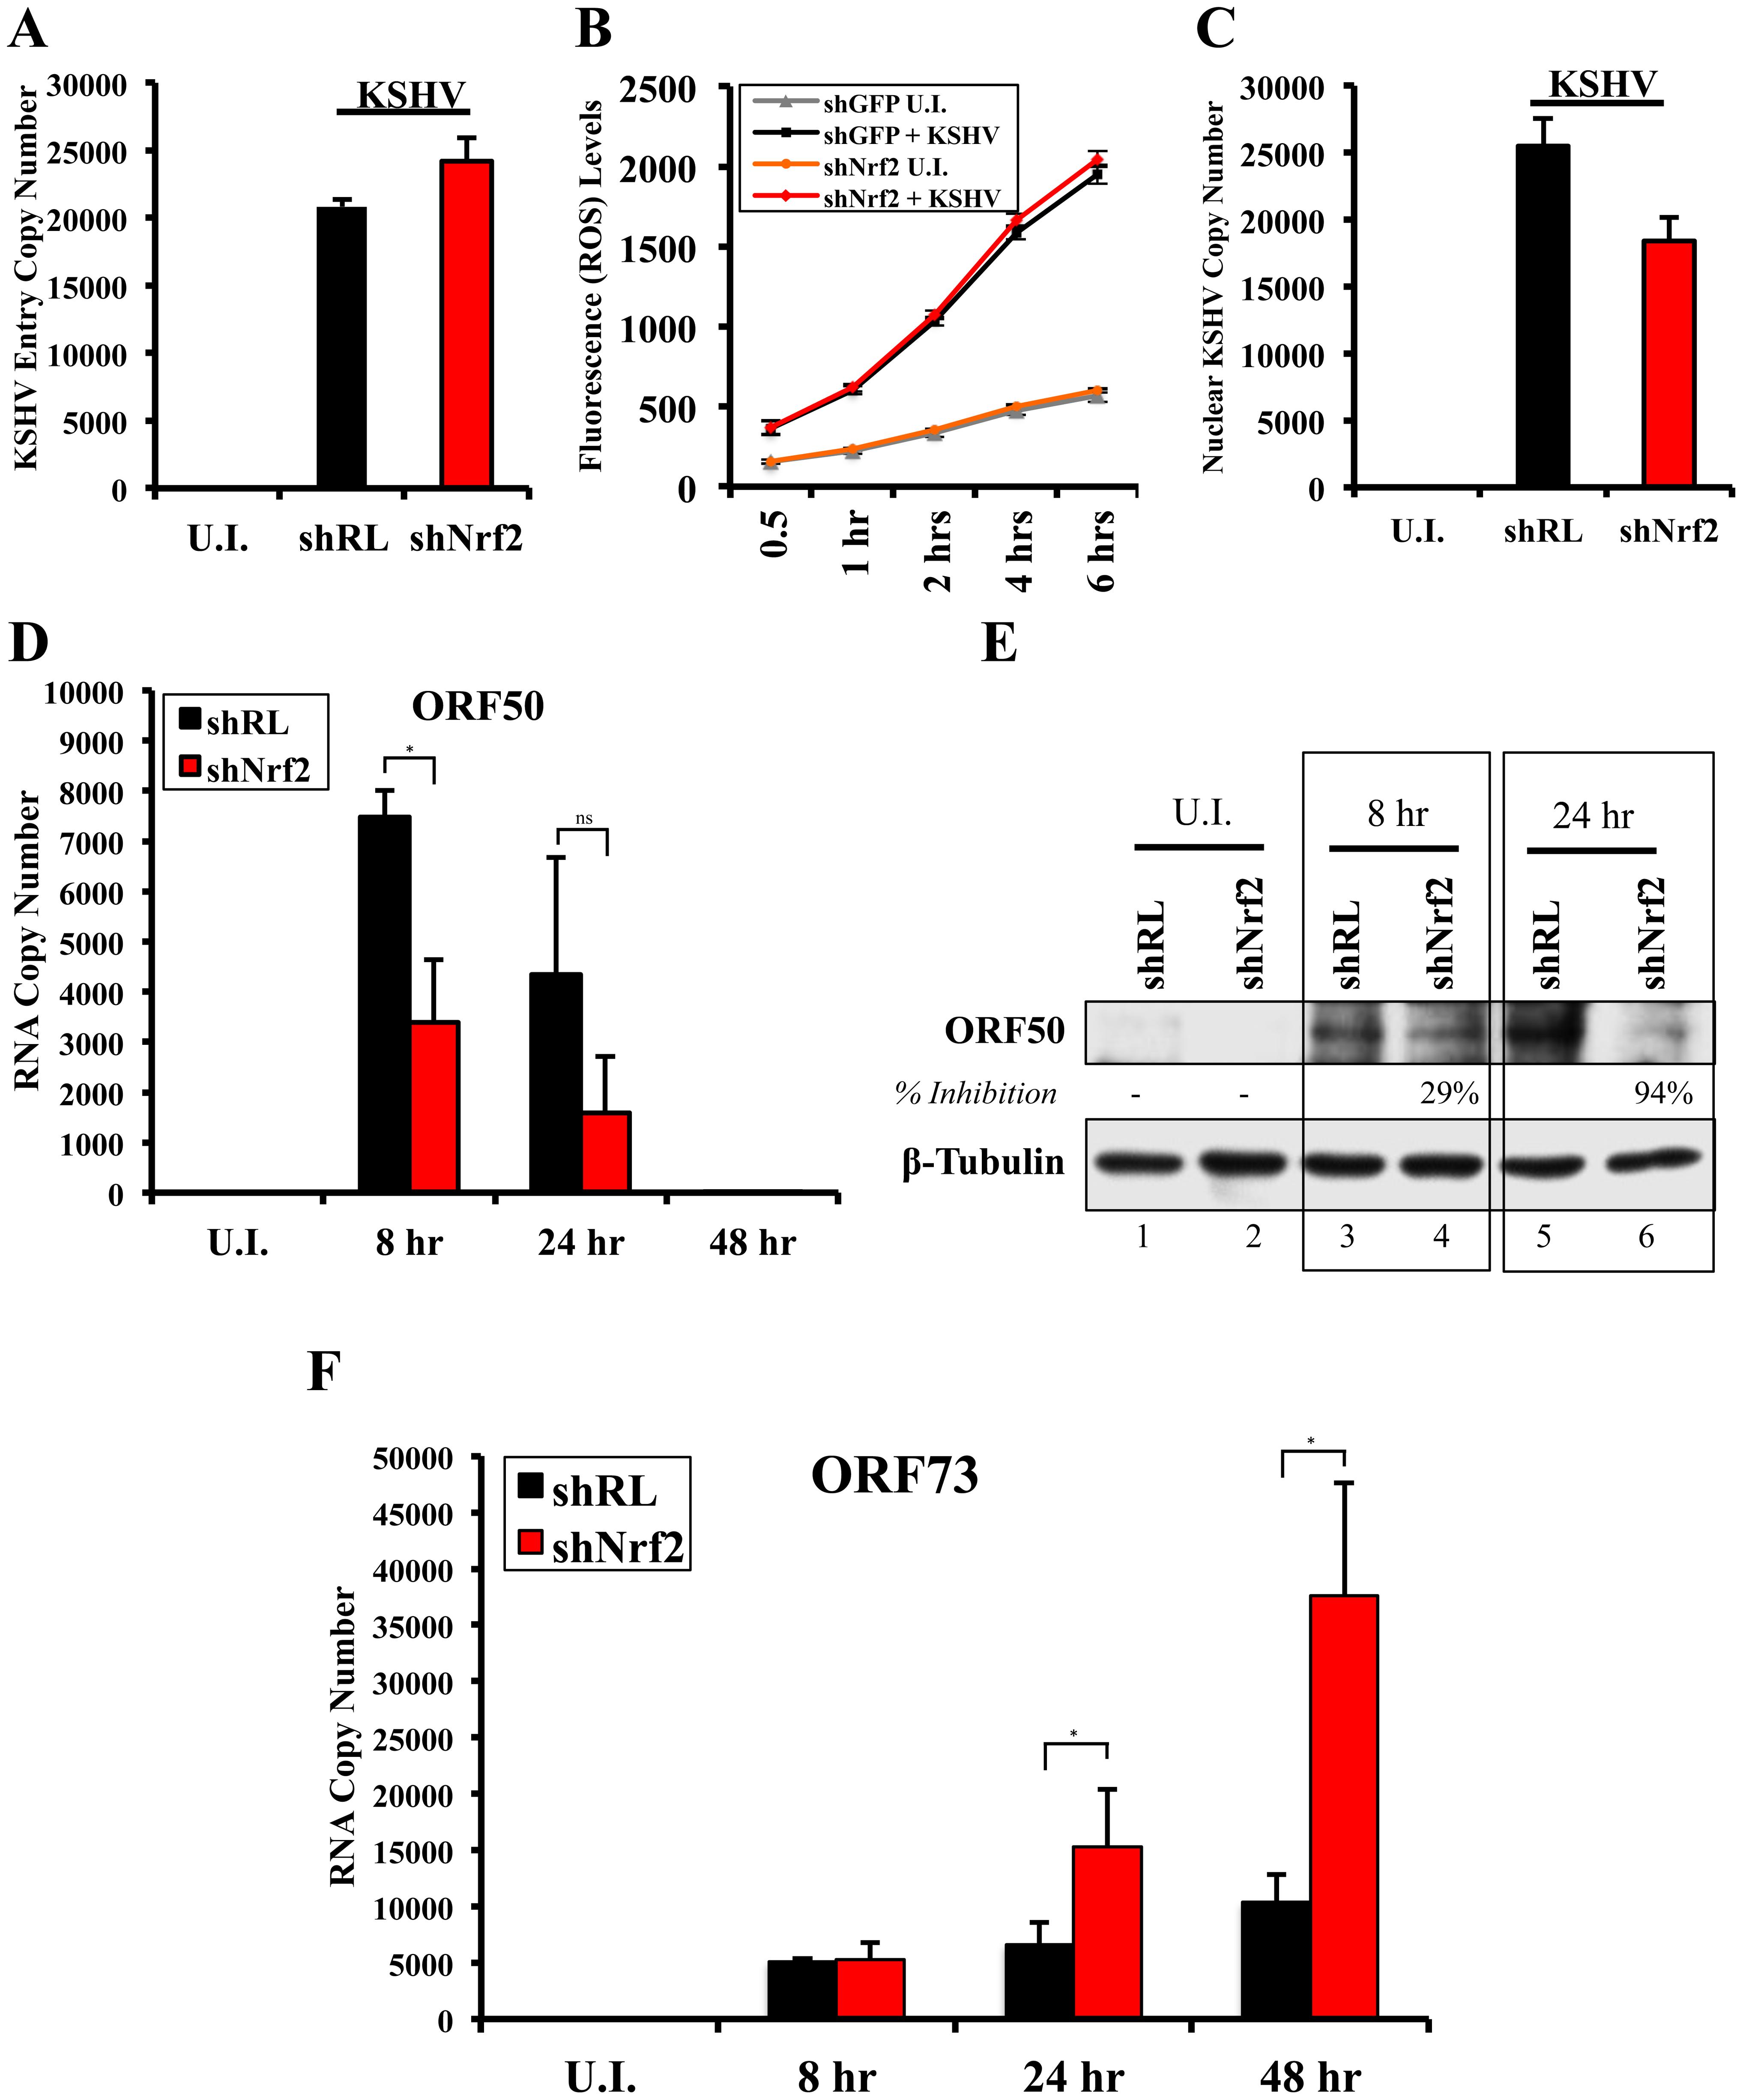 Effect of Nrf2 modulation on KSHV biology.